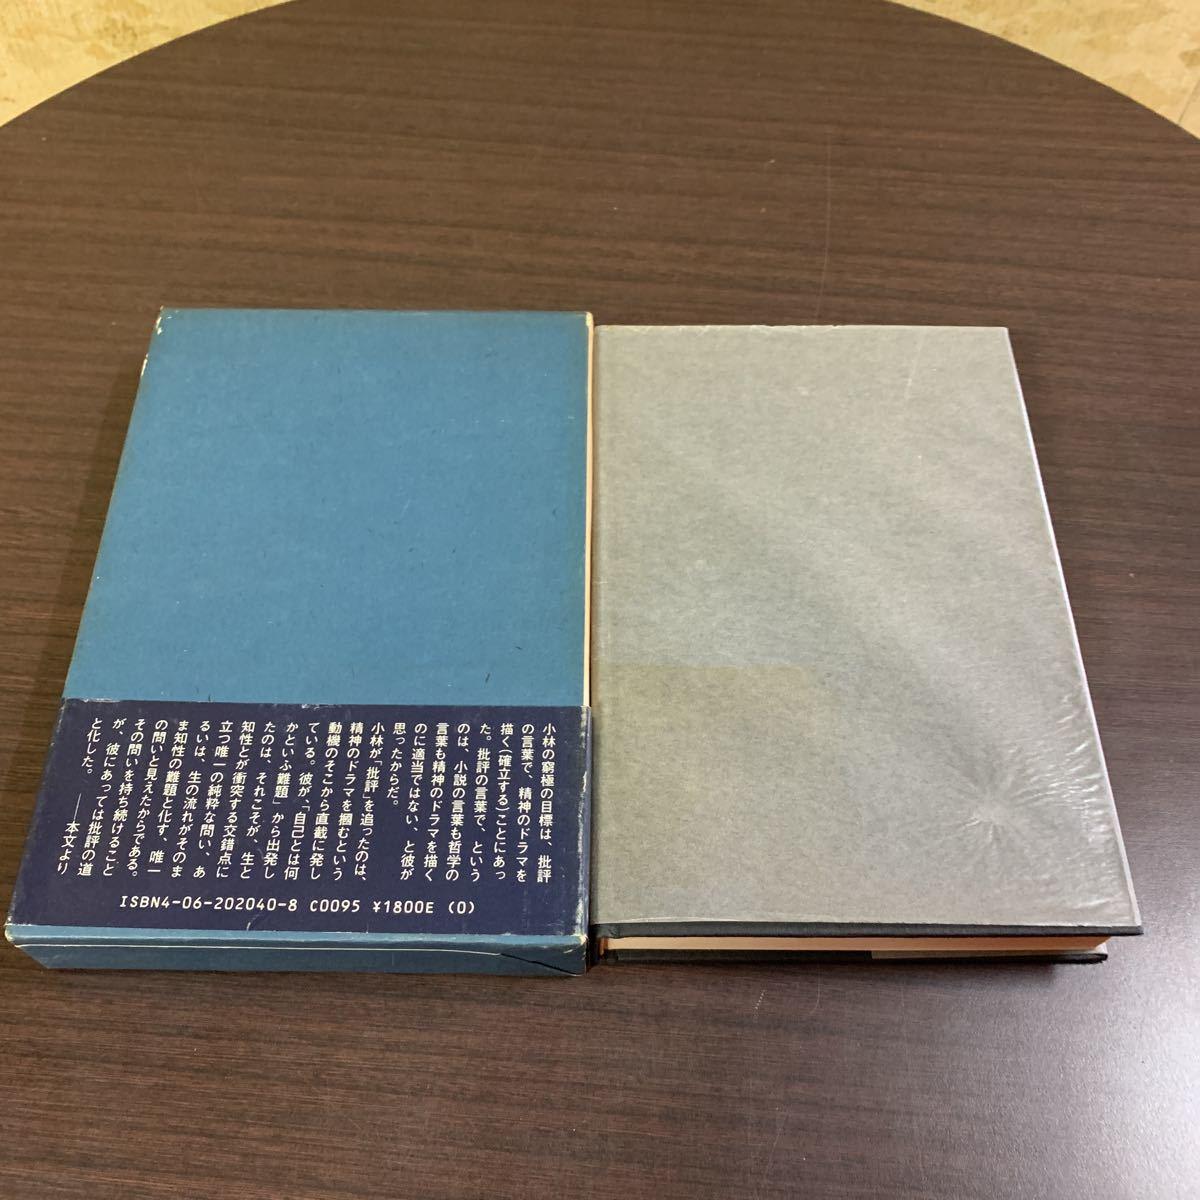 魂と意匠 小林秀雄 秋山 駿//著 講談社 1985年初版